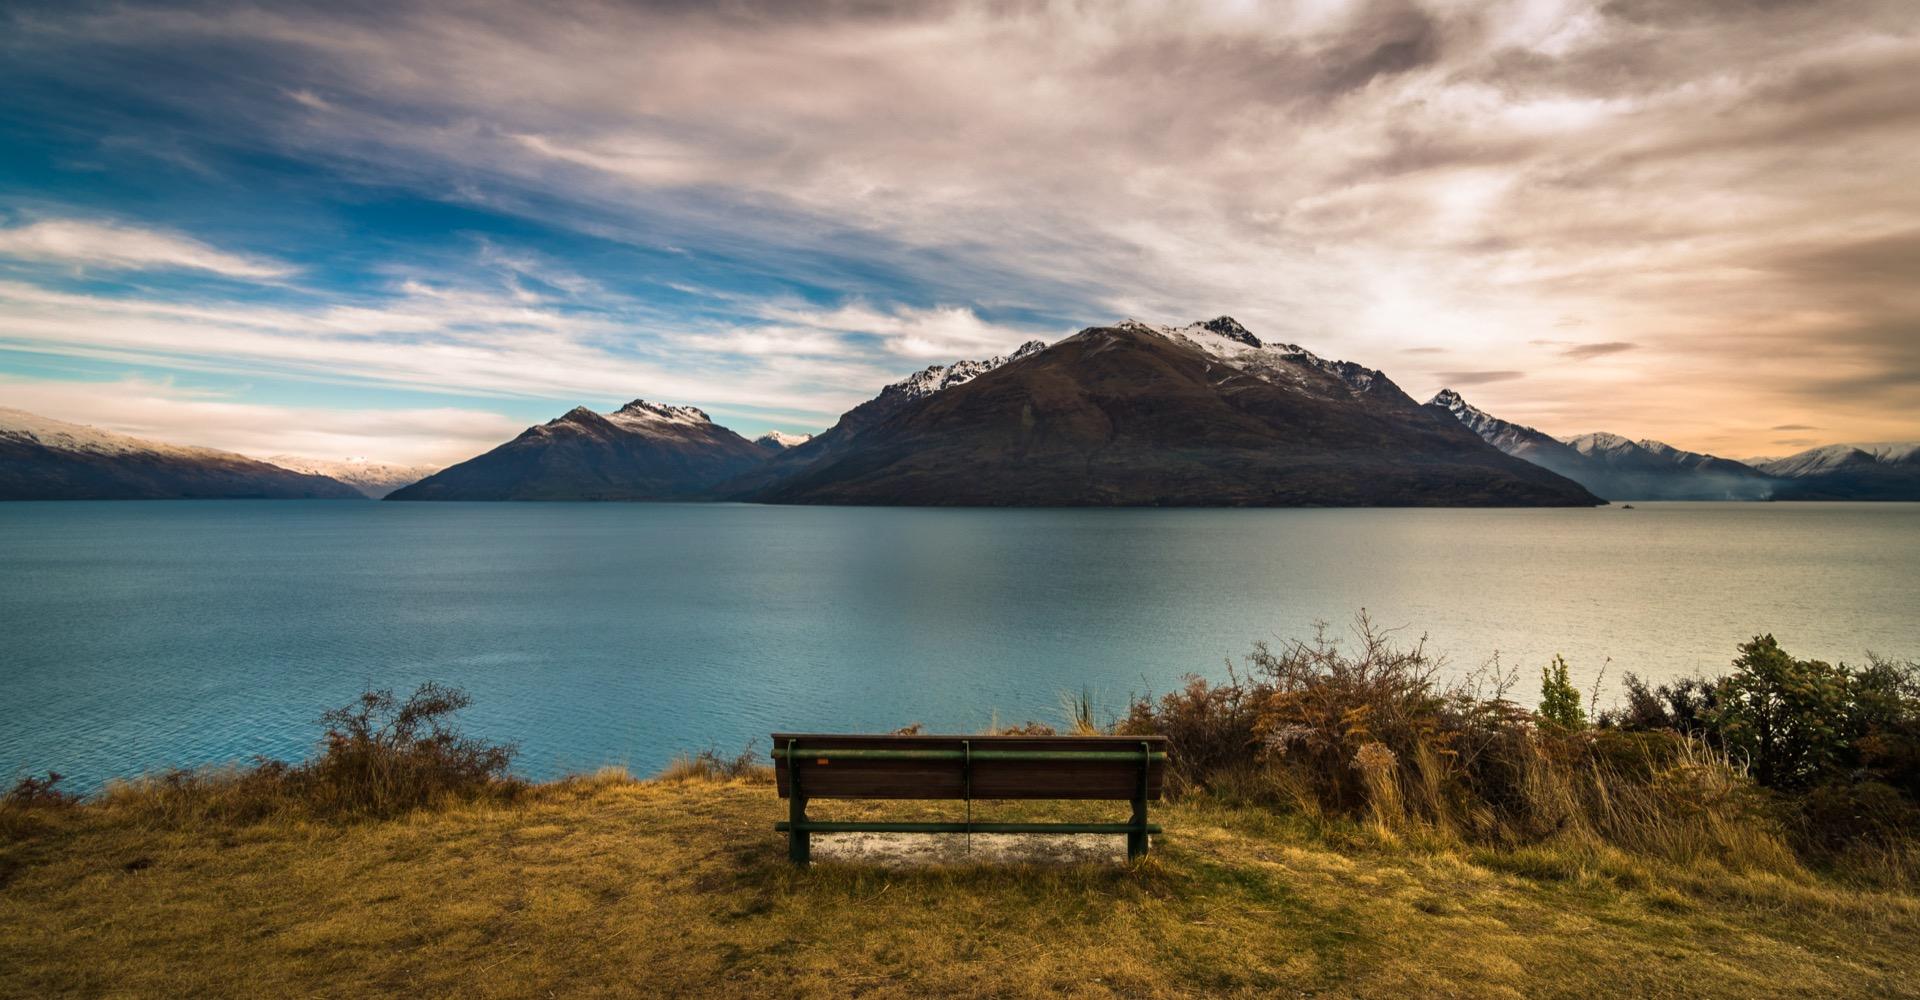 Amoklauf Neuseeland Hd: Reiseroute Für 6 Wochen